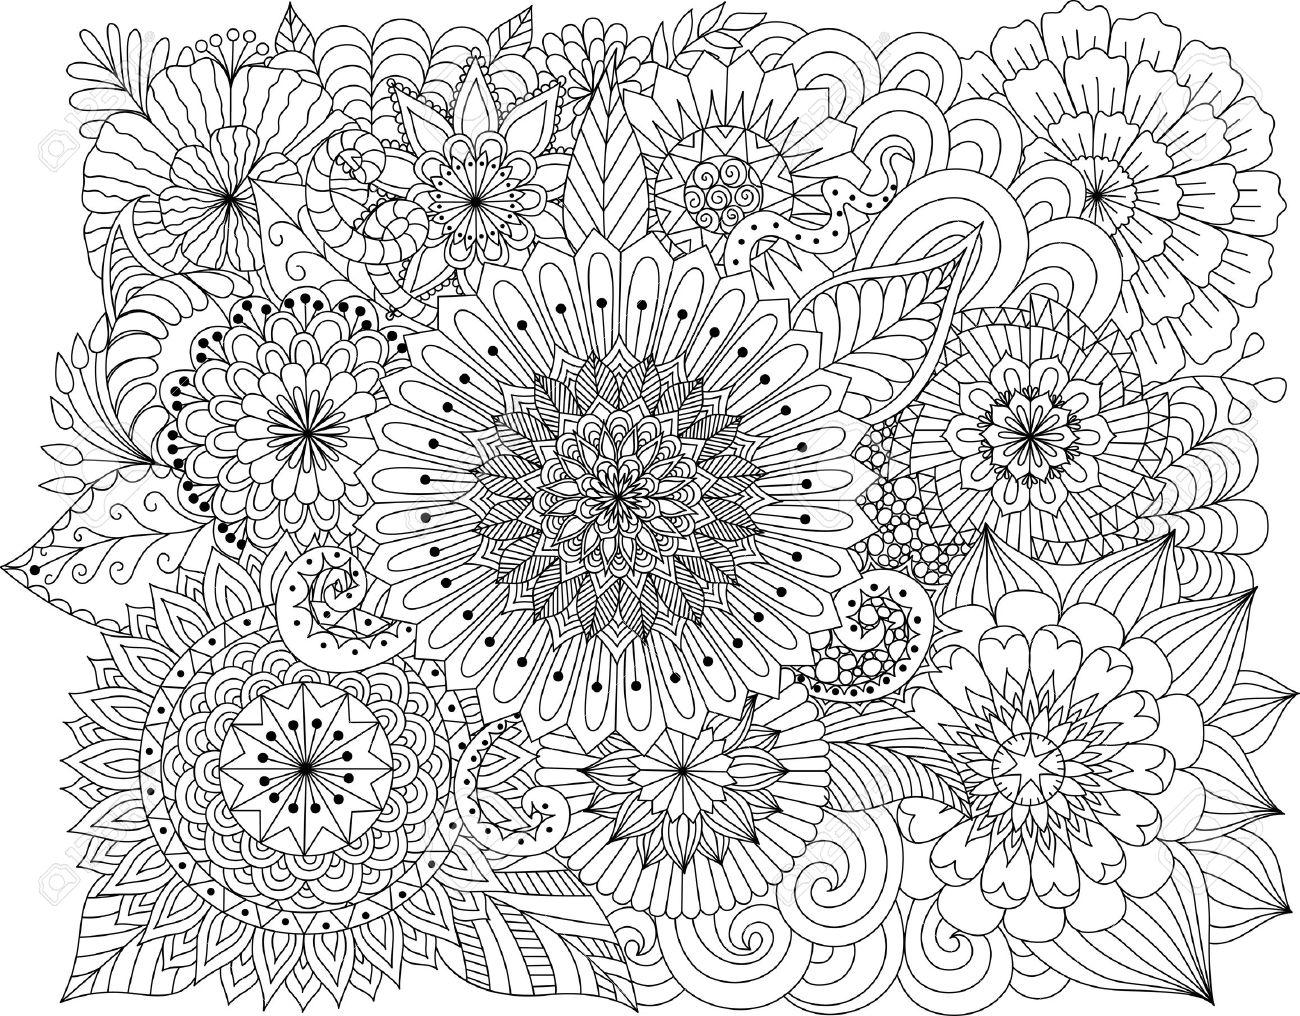 Blumen Und Mandalas Zum Ausmalen Für Erwachsene Lizenzfrei Nutzbare ...